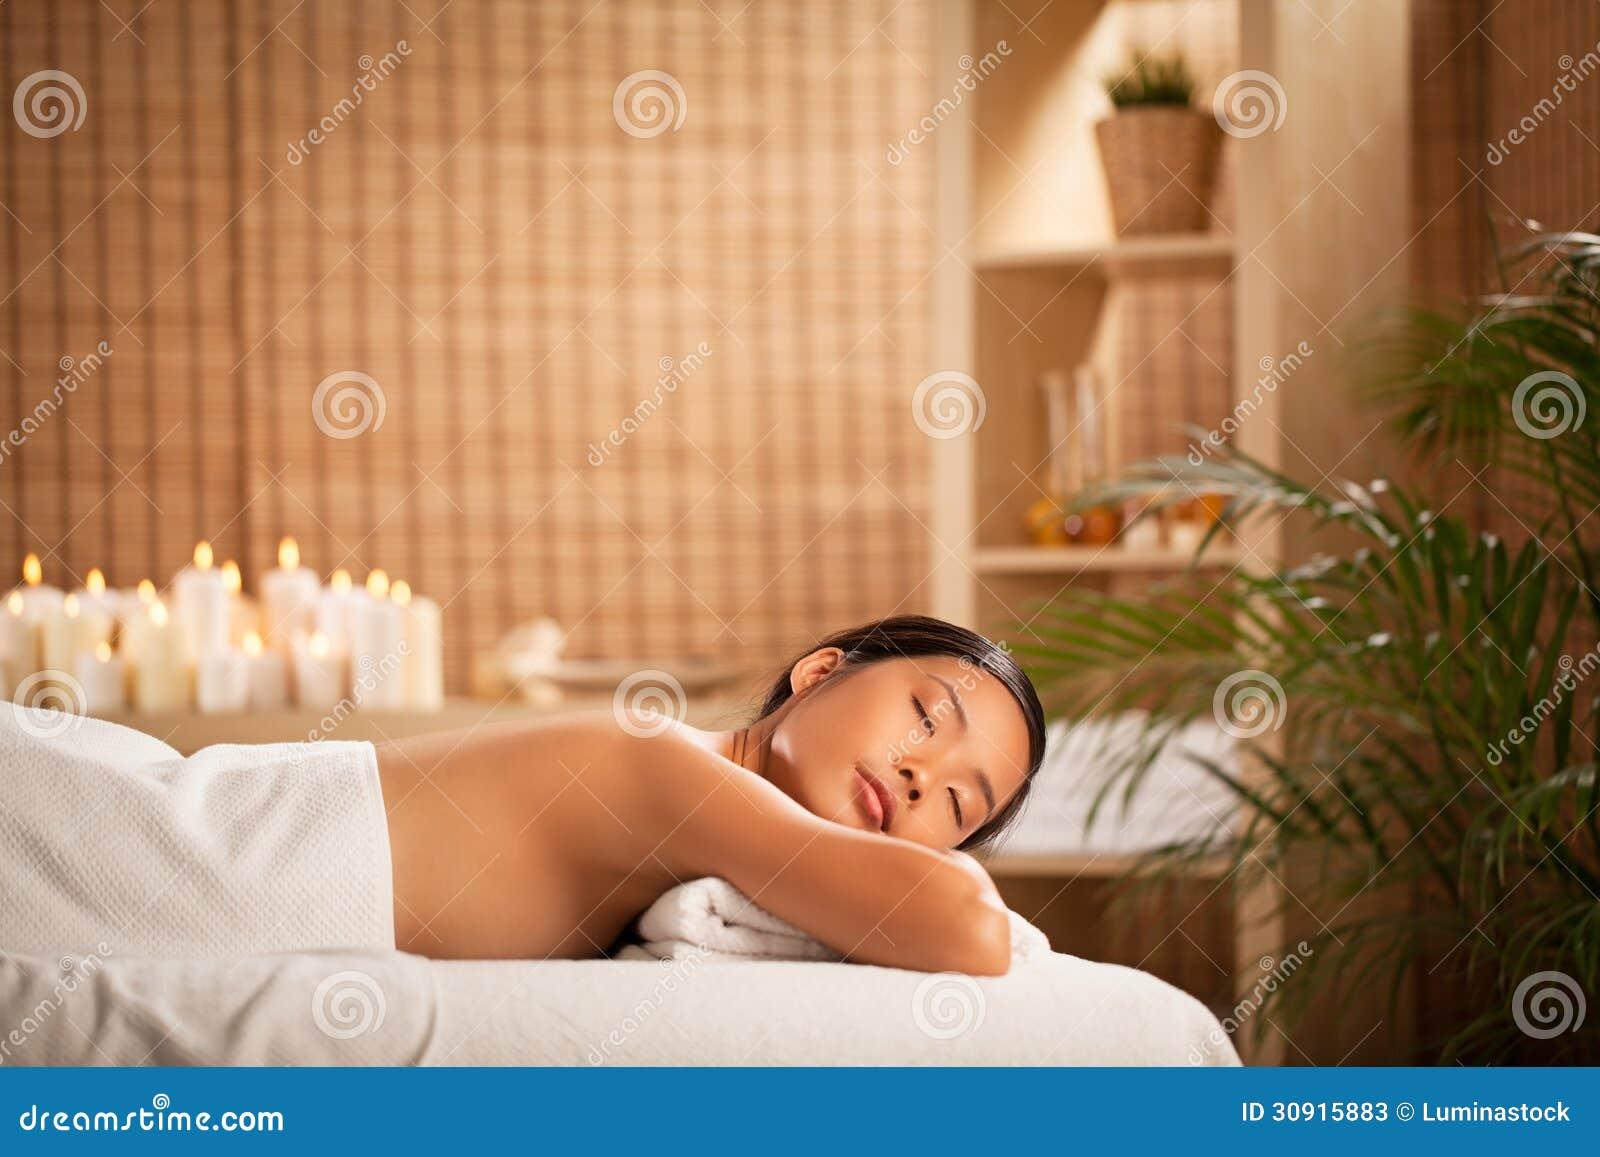 Mujer que se relaja en un balneario